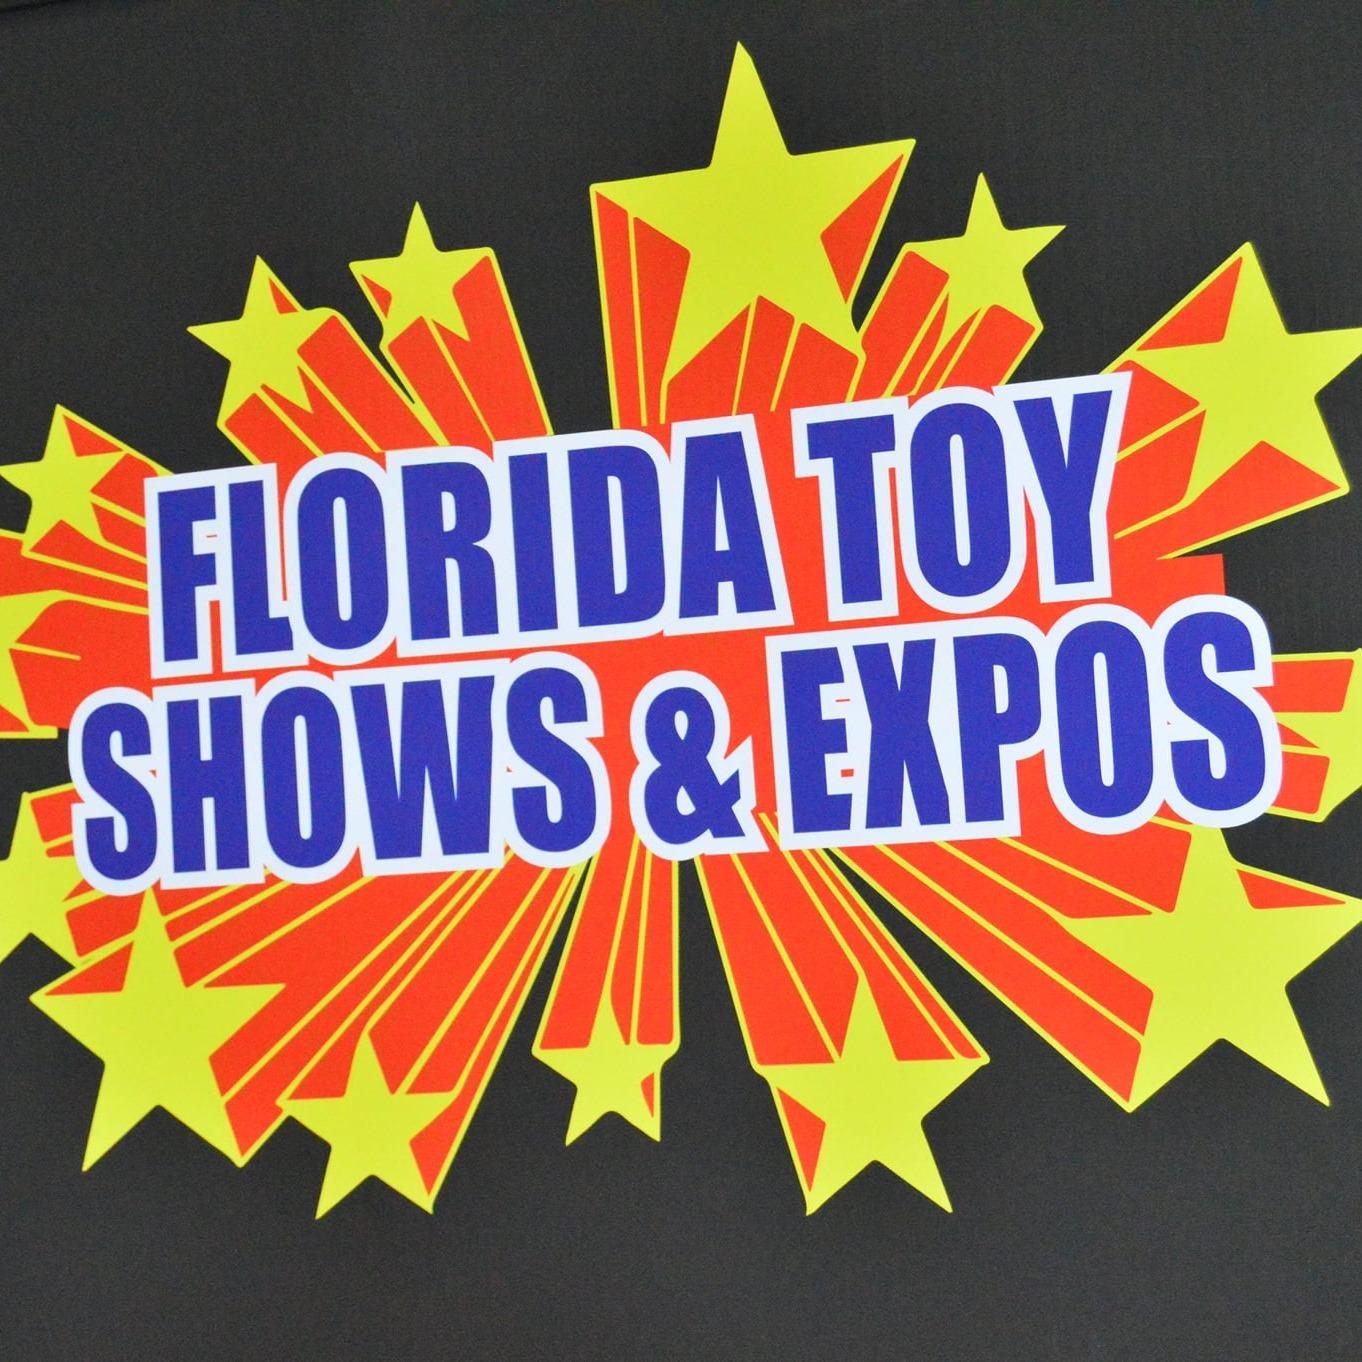 Florida Toy Shows Logo